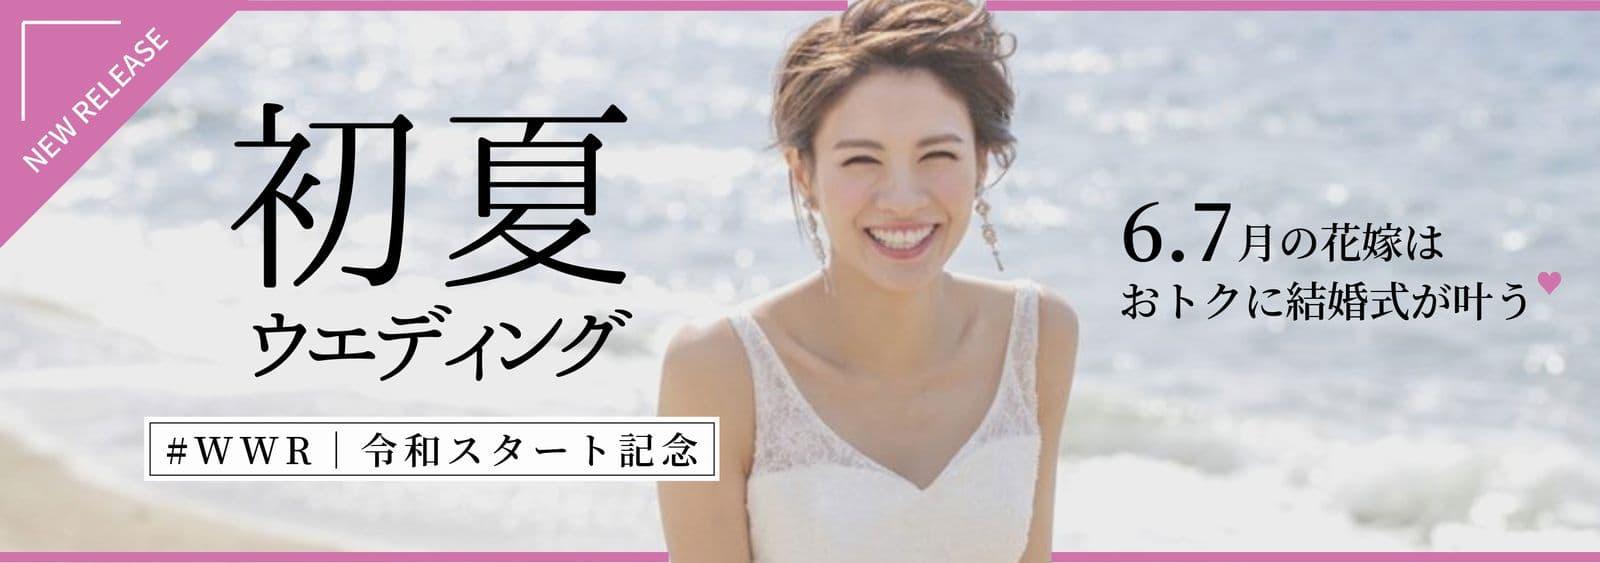 香川県の結婚式場シェルエメール&アイスタイルの初夏ウエディングプラン